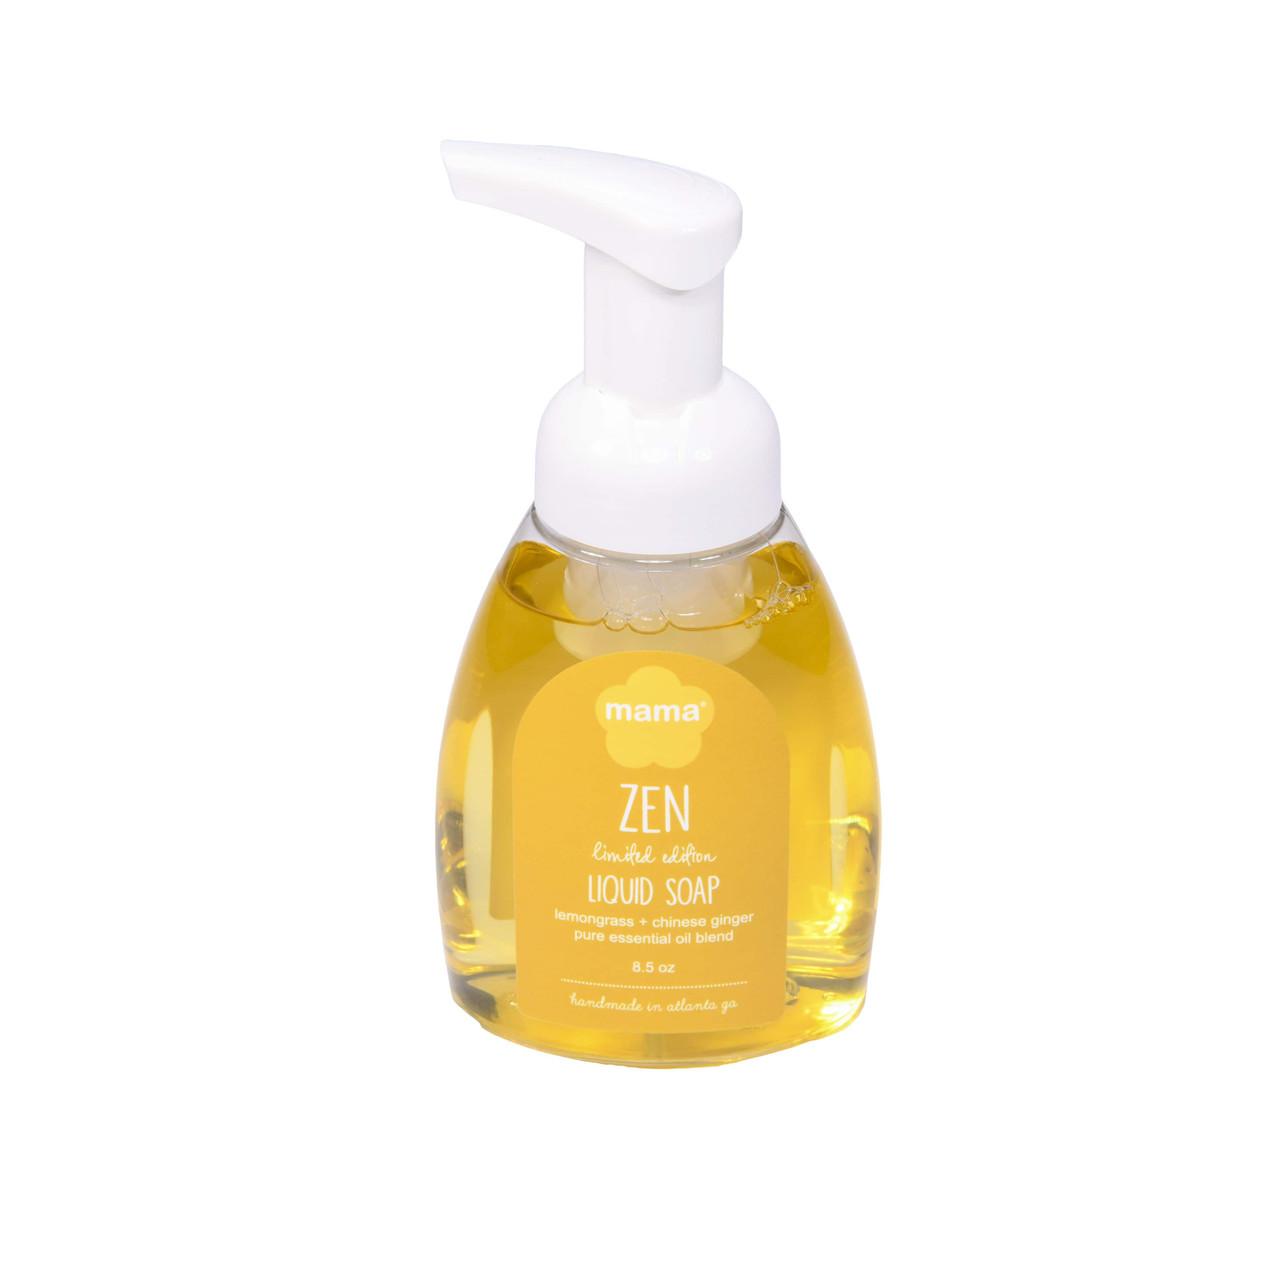 Zen (Lemongrass + Ginger) Liquid Soap | Mama Bath + Body